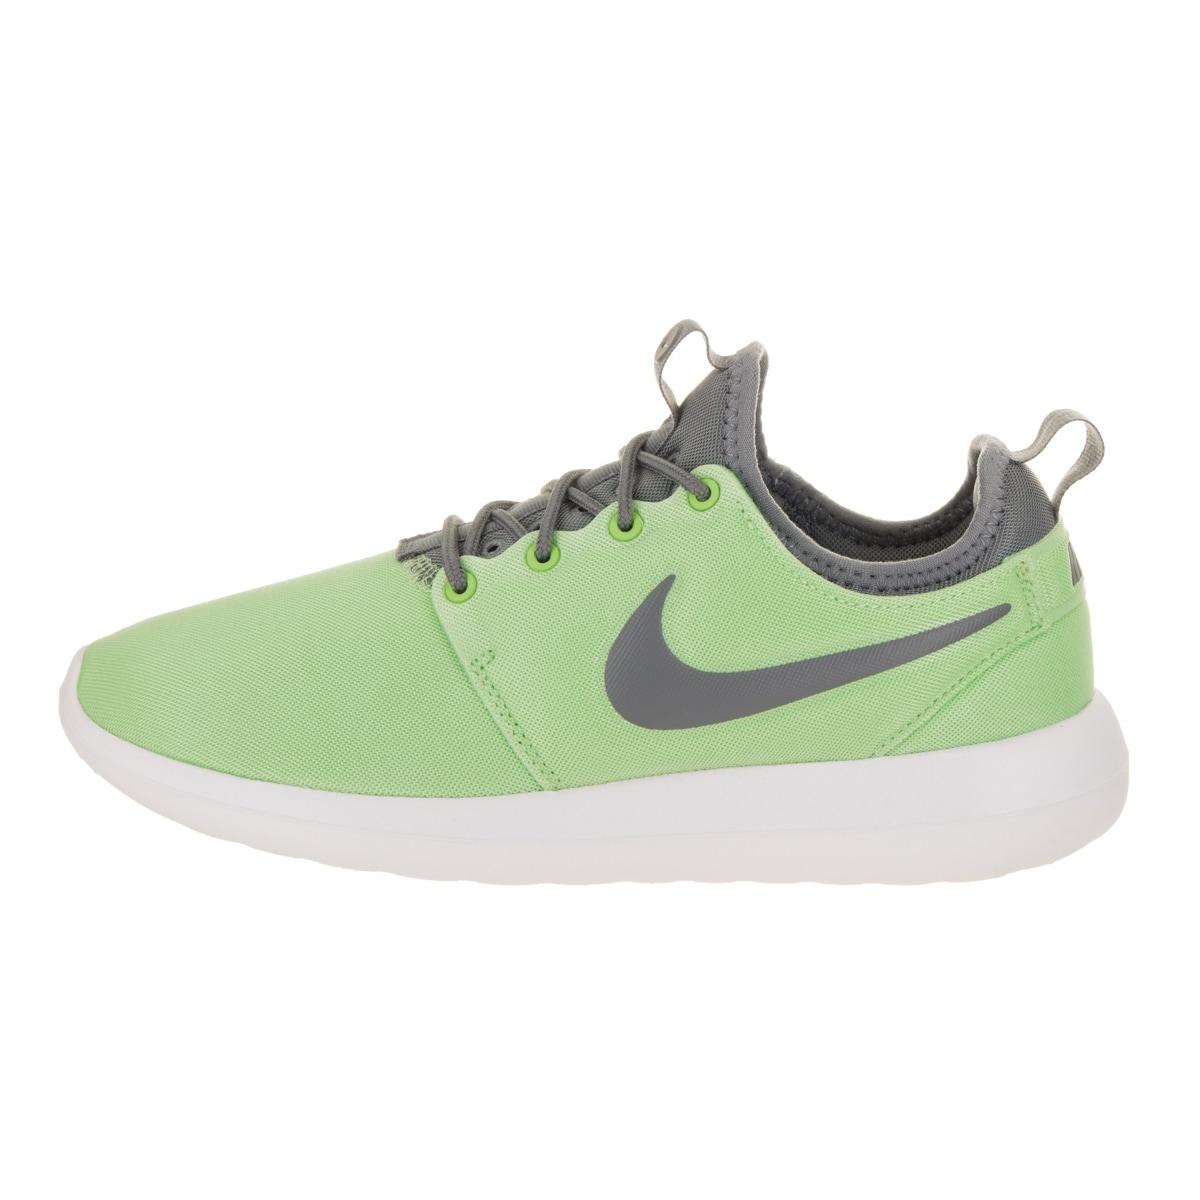 info for 7bcb5 8e025 Nike Women's Roshe Two Green Running Shoes